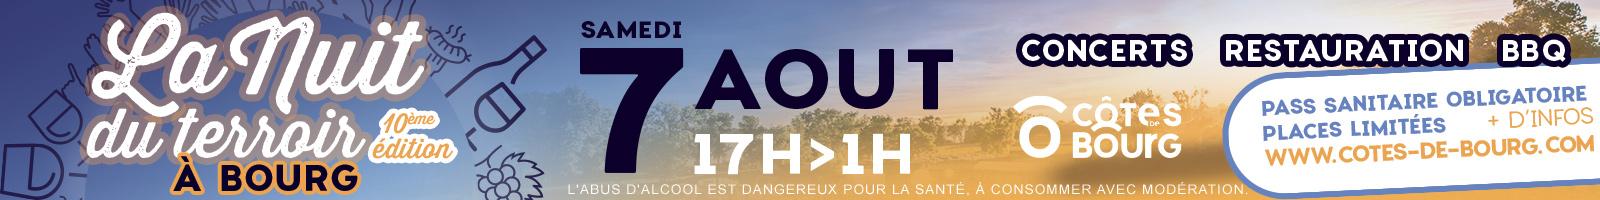 Nuit du Terroir Côtes de Bourg